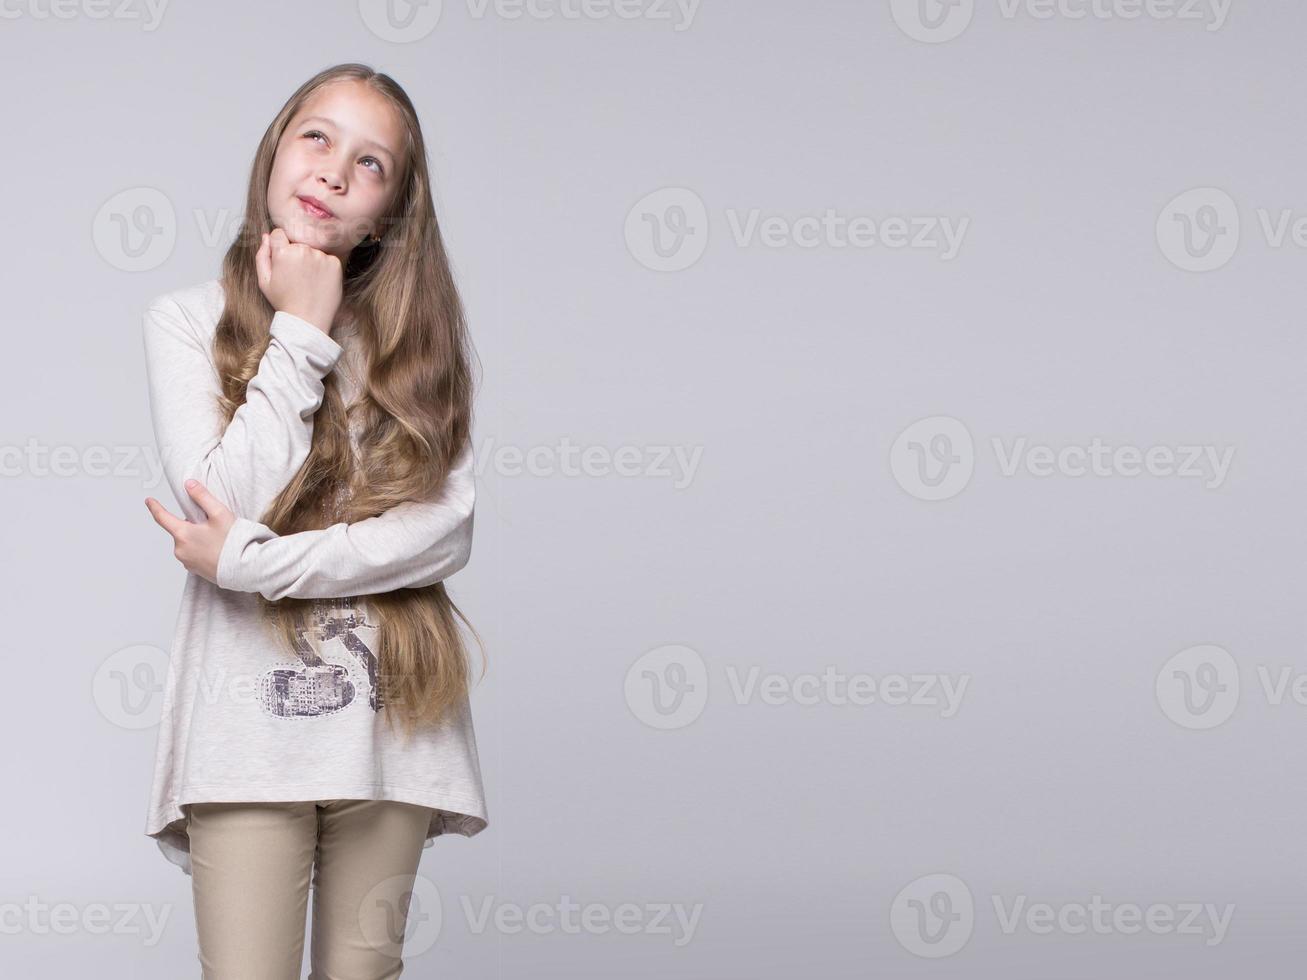 Porträt des verwirrten Teenager-Mädchens, das auf einem grauen Hintergrund steht foto